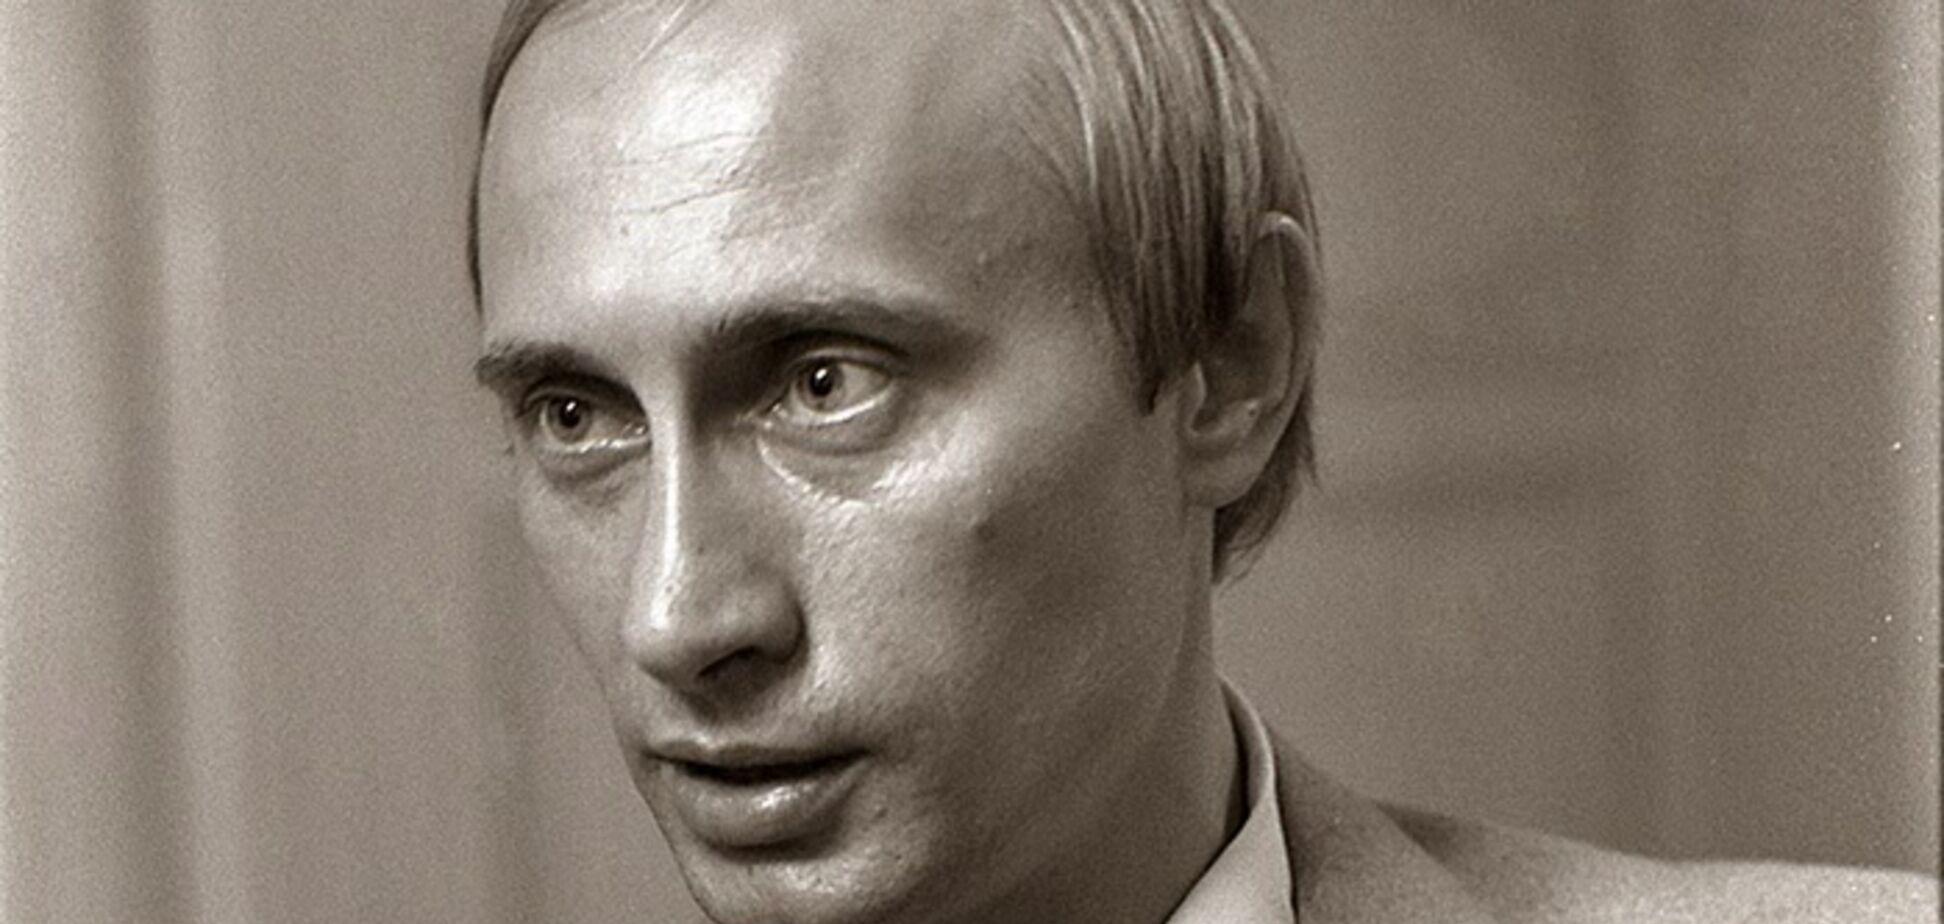 Неизвестное фото молодого Путина появилось в сети